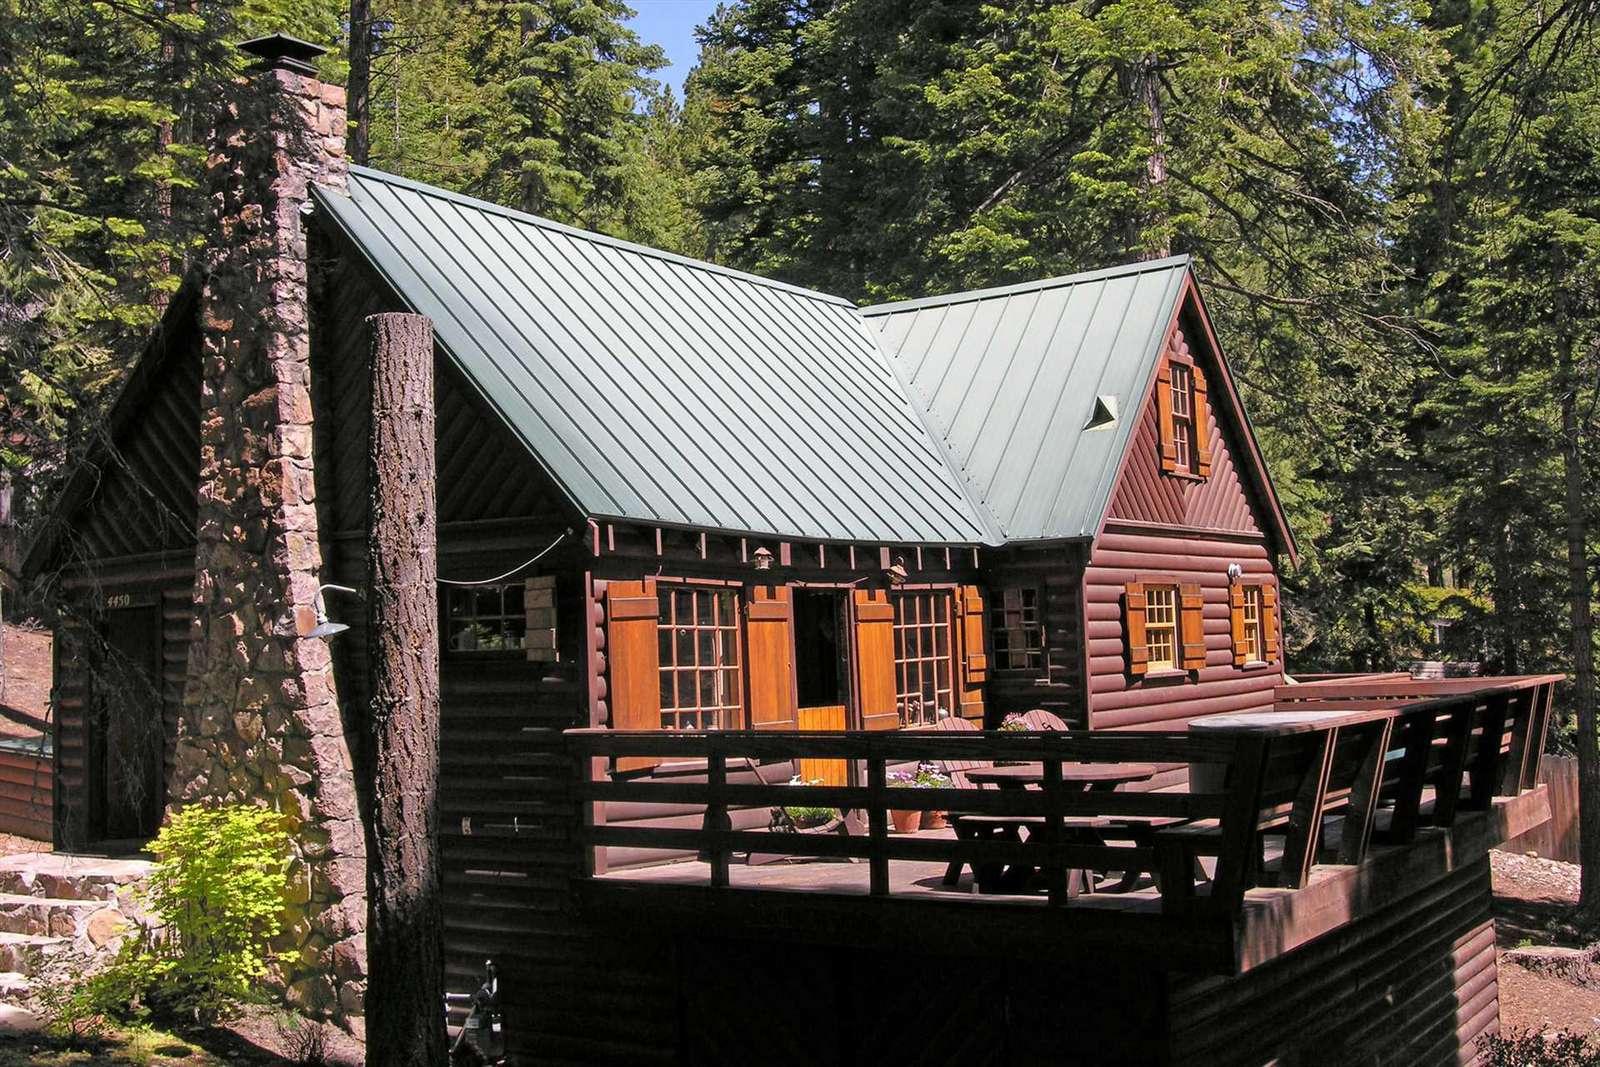 Miraculous Gundys Getaway Classic Tahoe Log Cabin Carnelian Bay Lake Download Free Architecture Designs Scobabritishbridgeorg